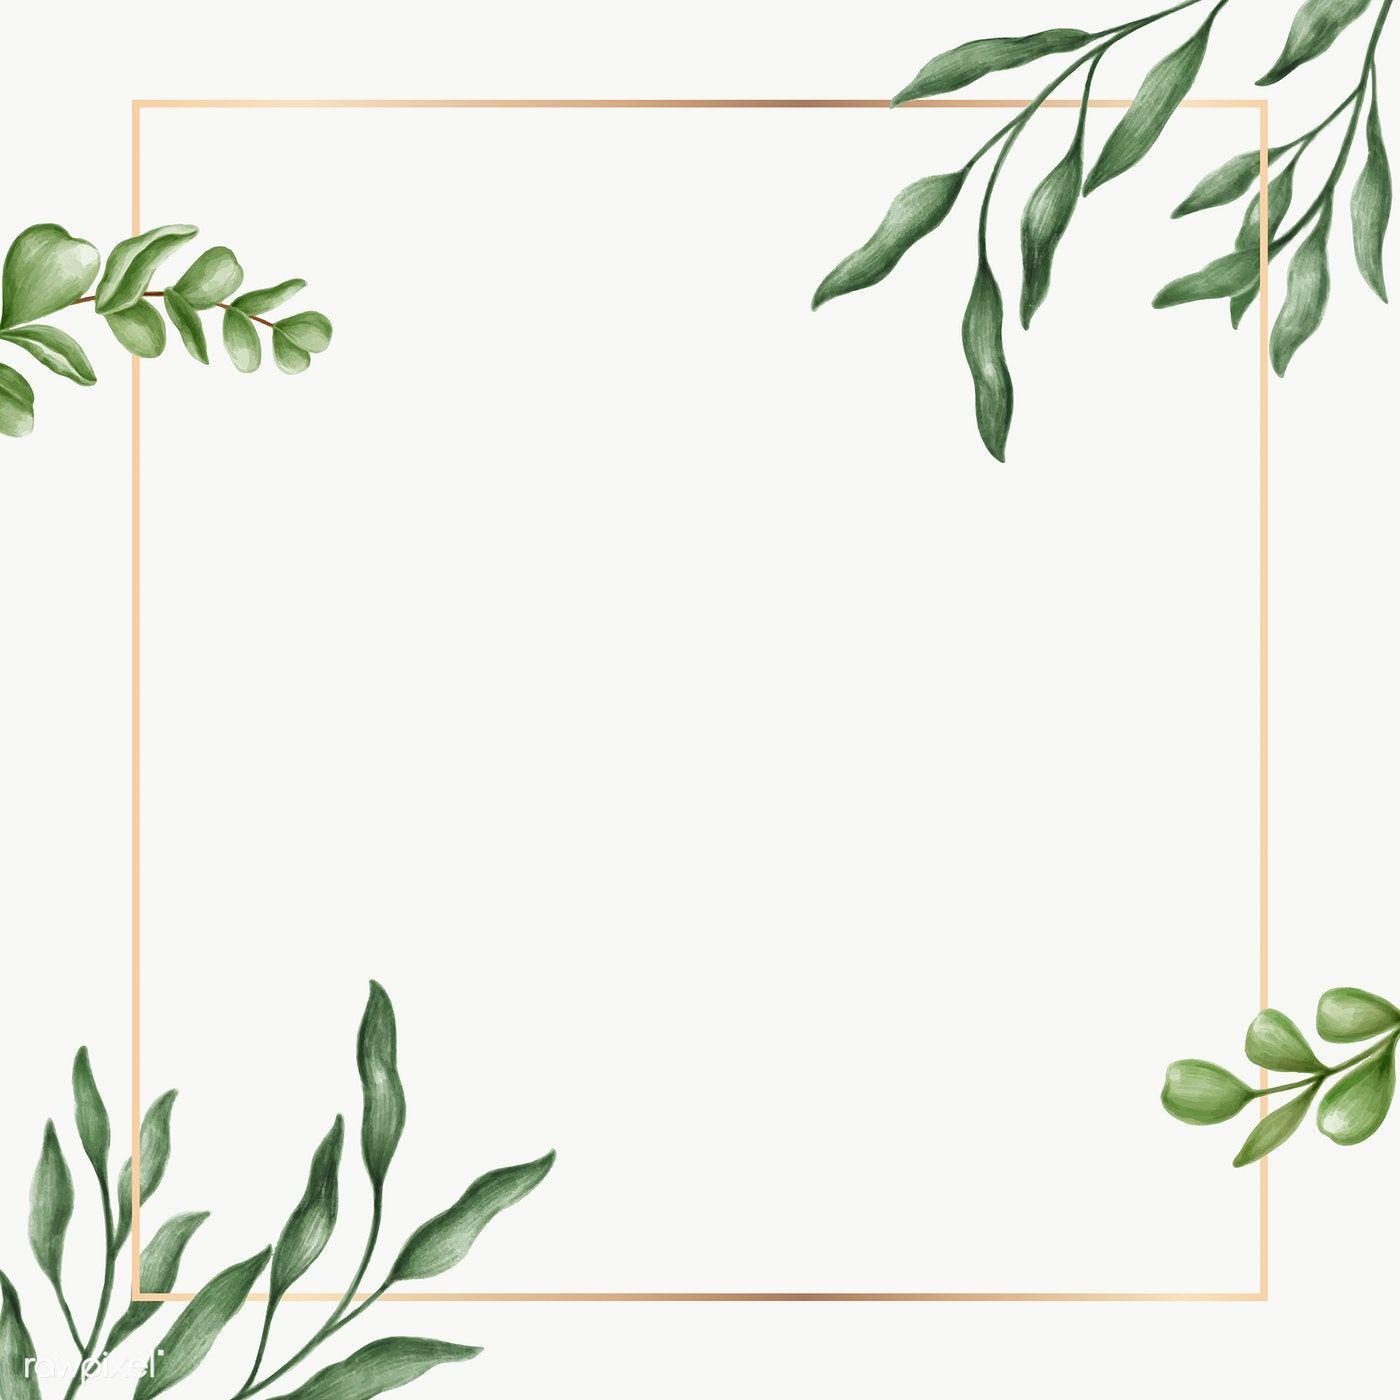 Green Leaves Frame Transparent Png Premium Image By Rawpixel Com Noon Green Leaf Background Leaf Background Floral Border Design